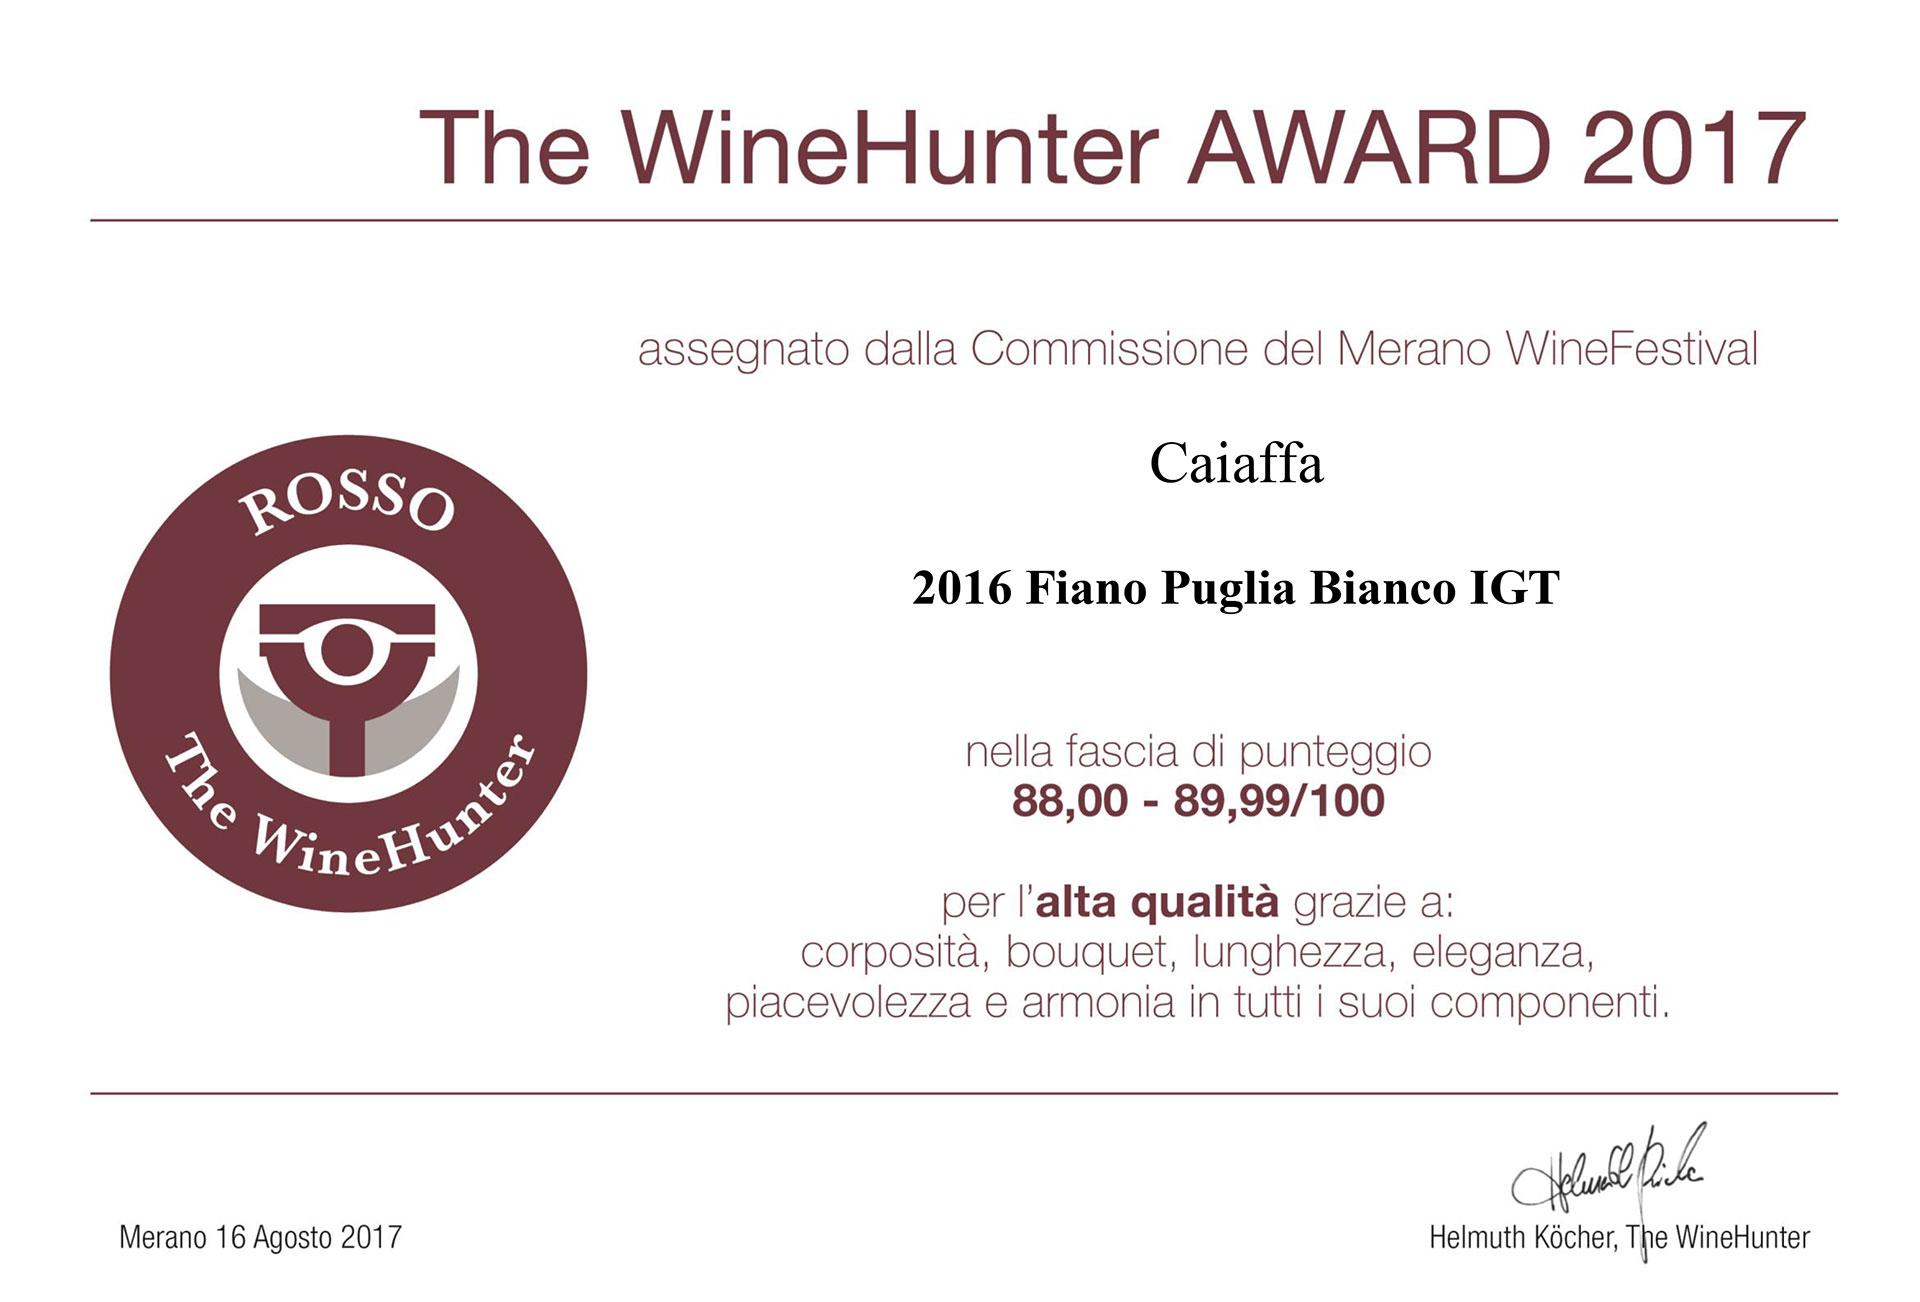 The-WineHunter-Award--Rosso-850170817